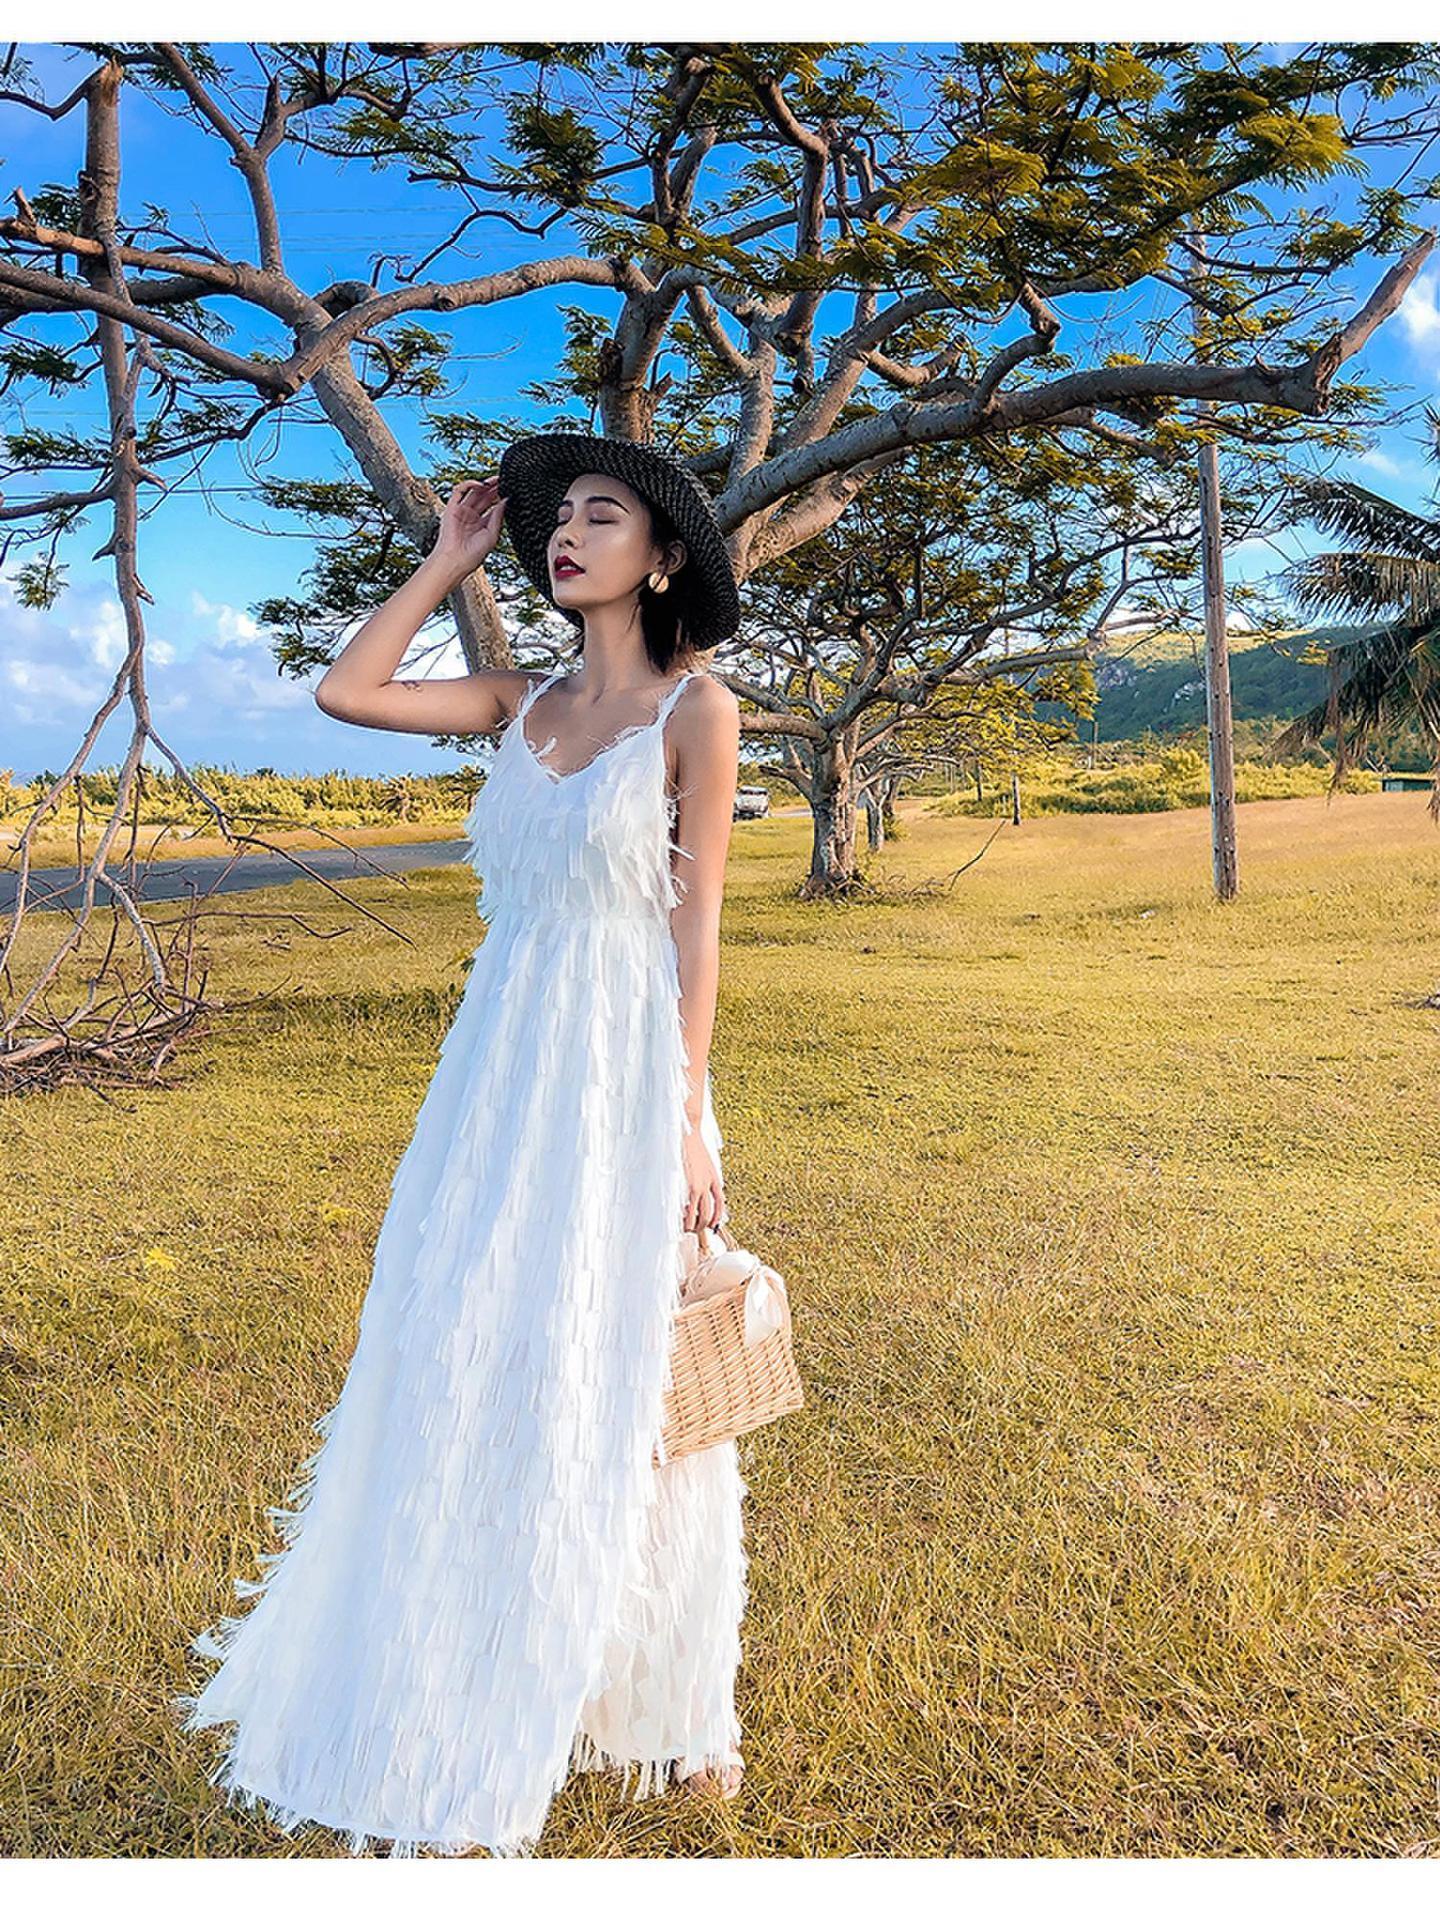 Nuovo arrivo senza maniche estate imbracatura Daily abito lungo bianco donne sexy scollo a V abito abiti bohemien